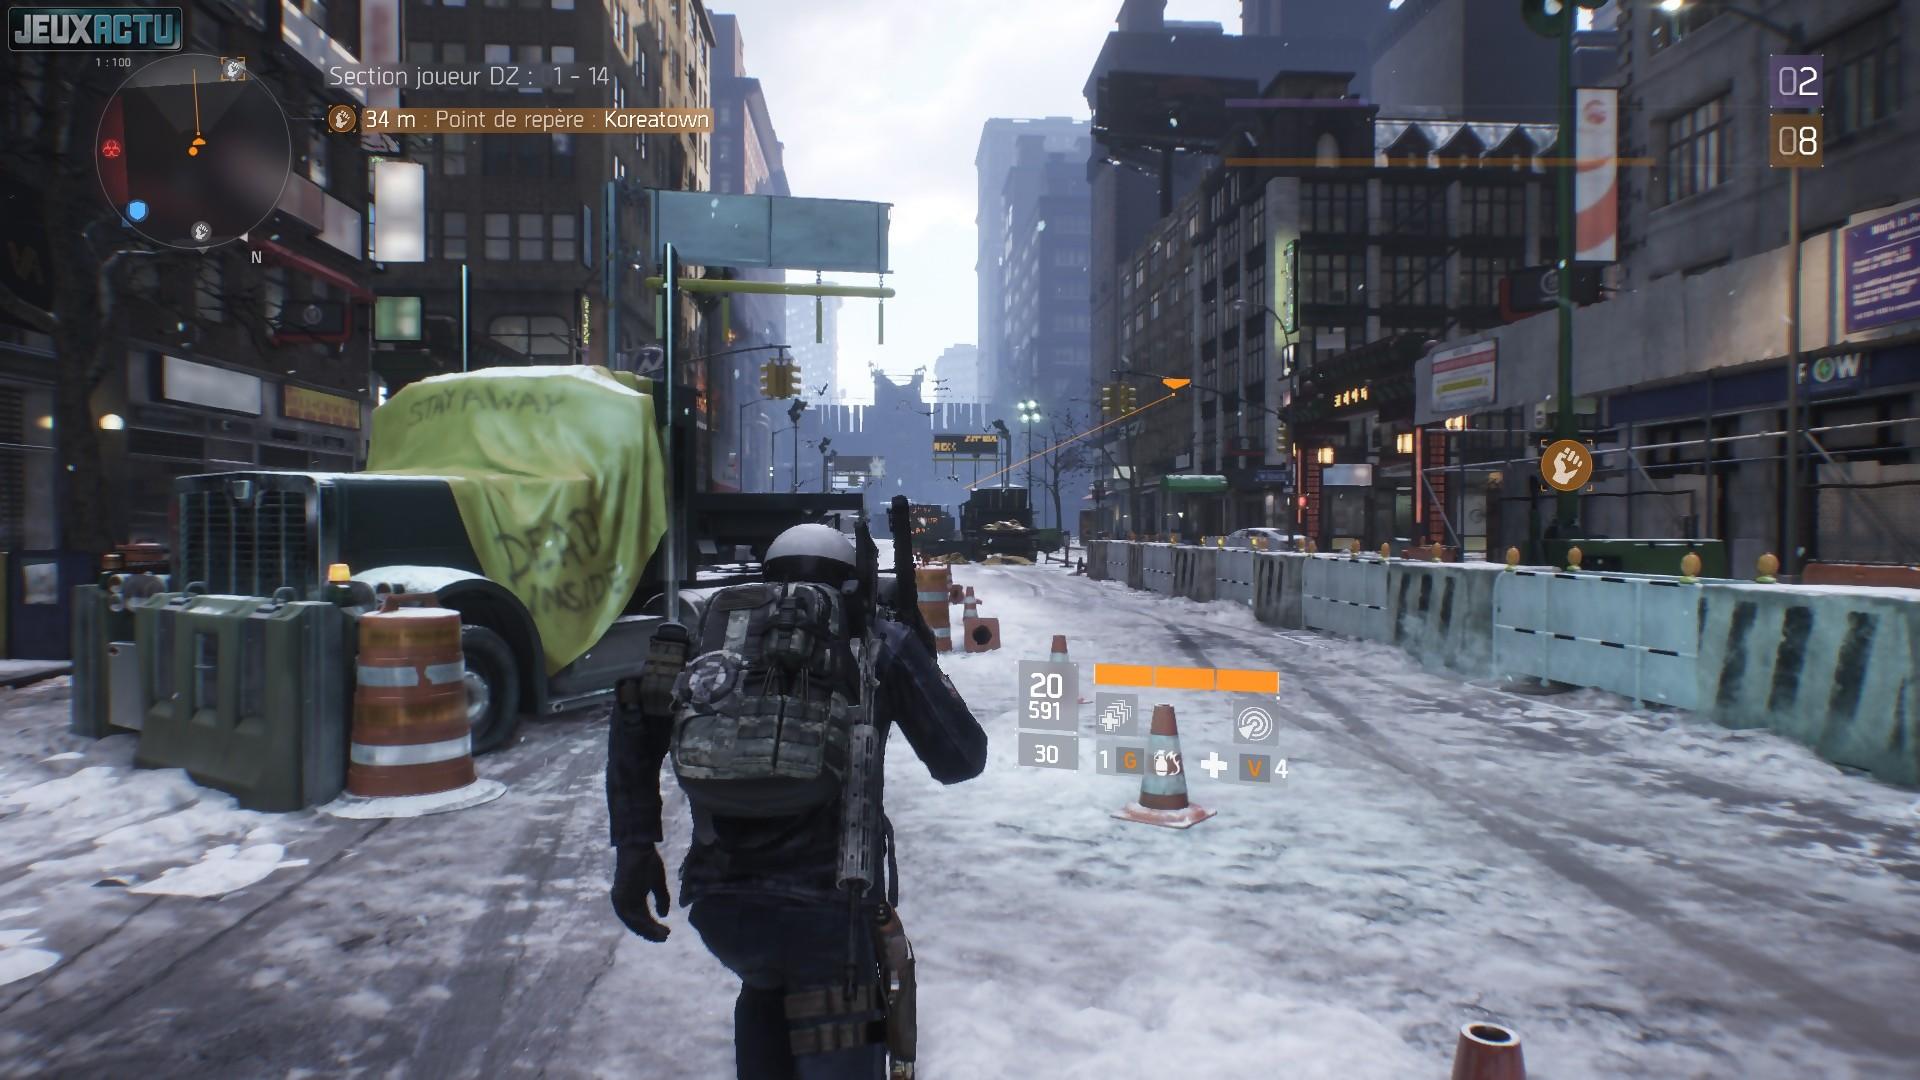 Fabuleux Test The Division sur PS4 et Xbox One DB55